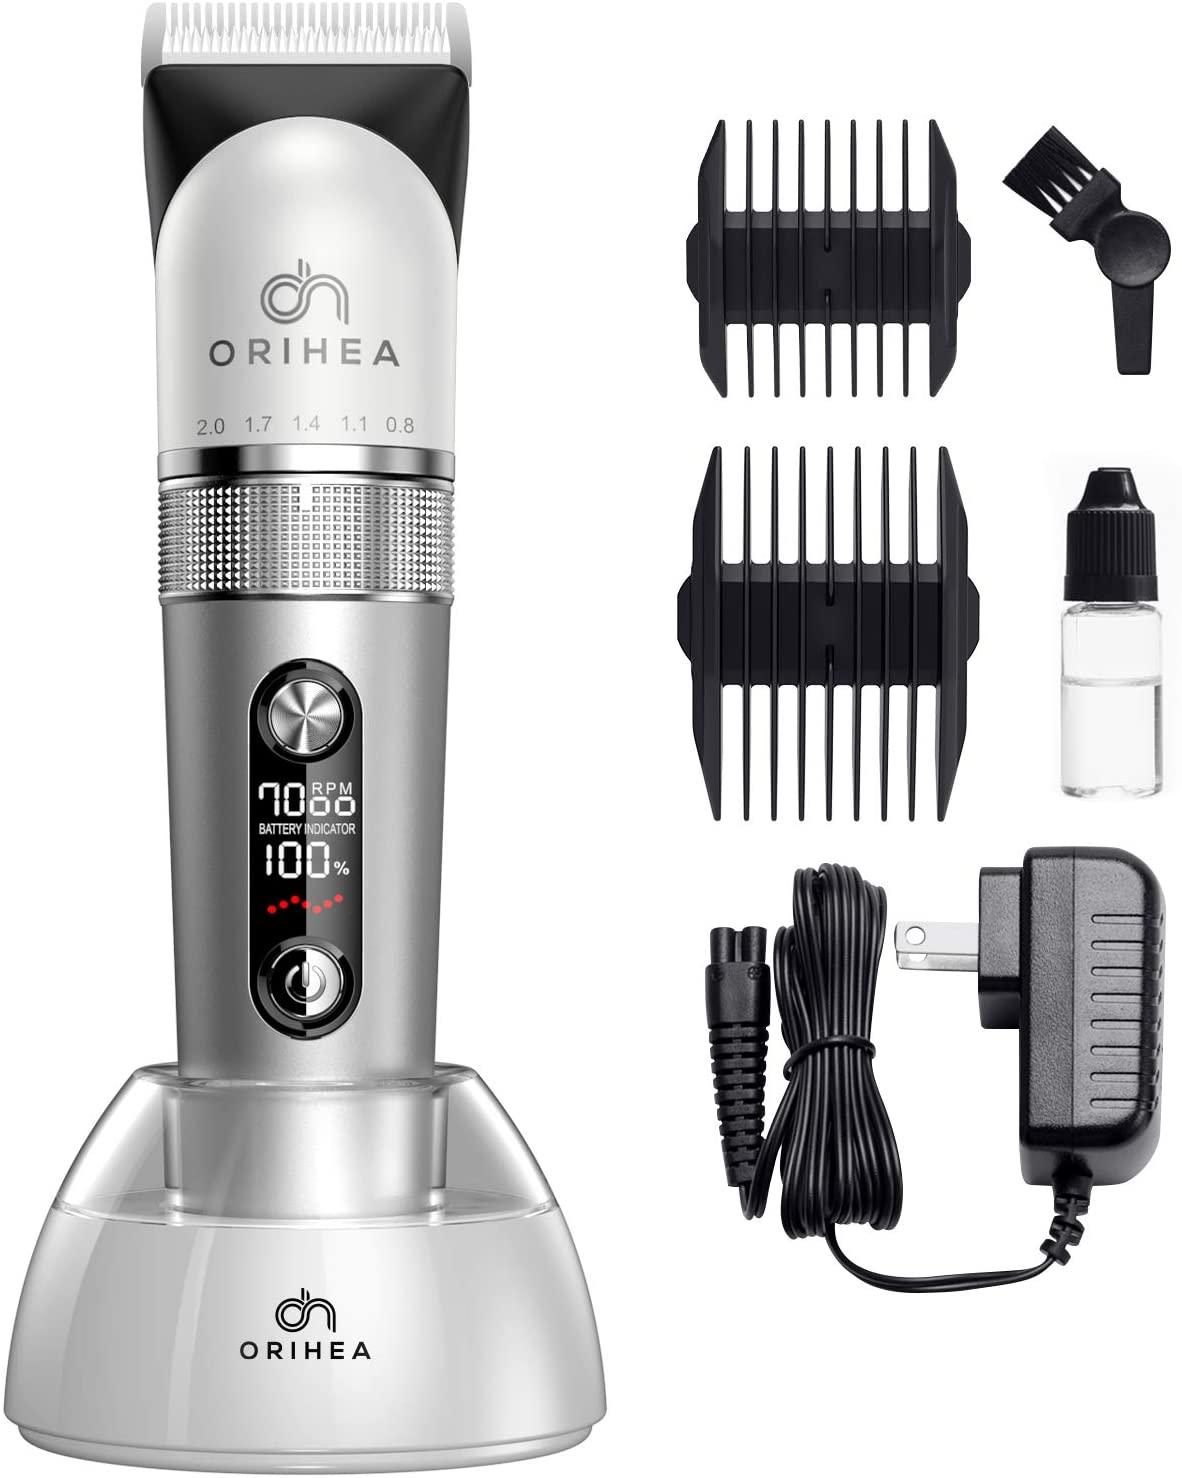 Bild zu Kabelloser OriHea Akku-Haarschneider für 23,99€